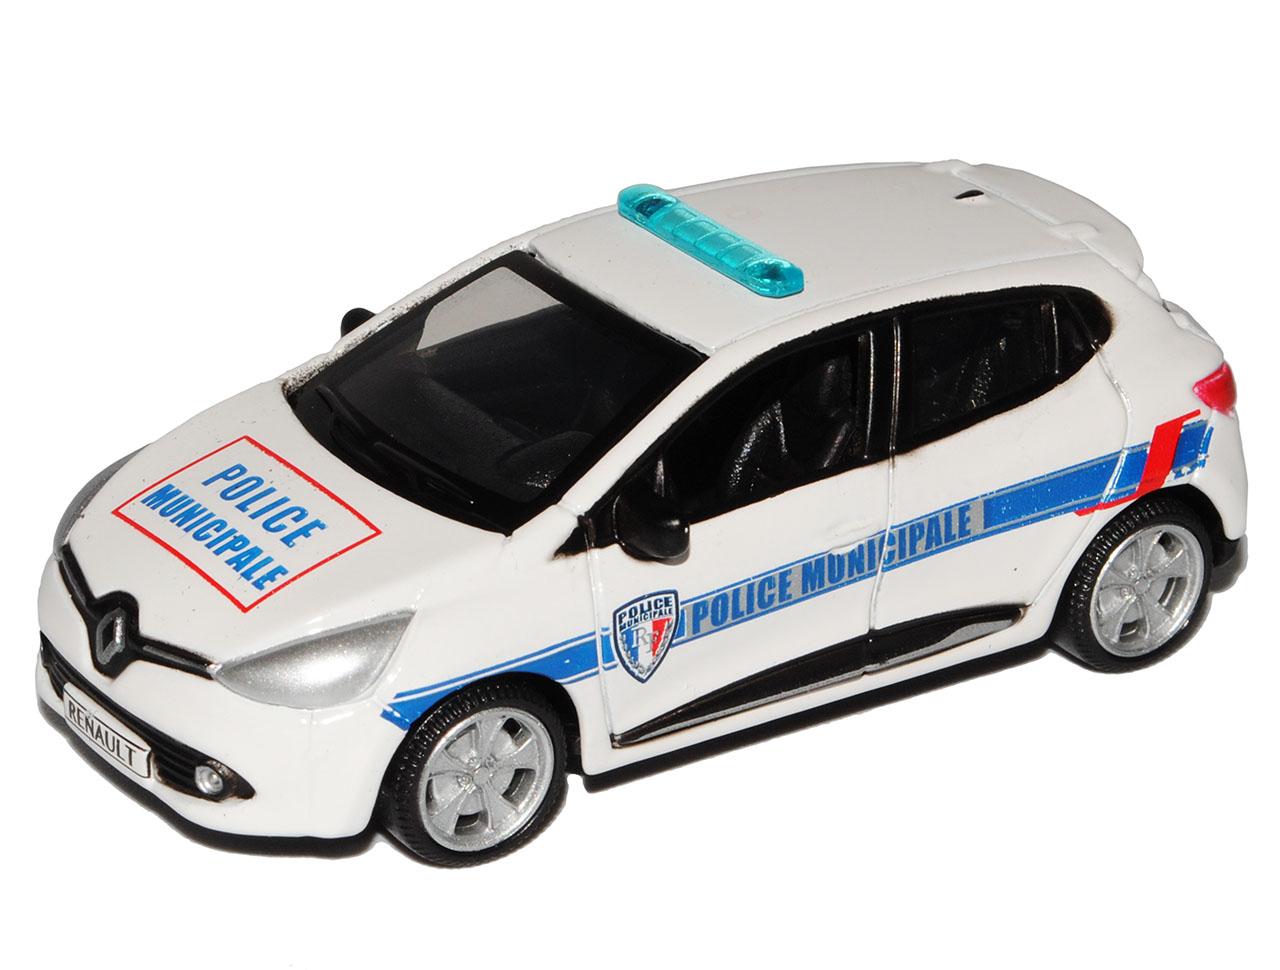 Renault Clio IV Weiss Police Municipale Polizei 5 Türer Typ X98 Ab 2012 1//64 B..